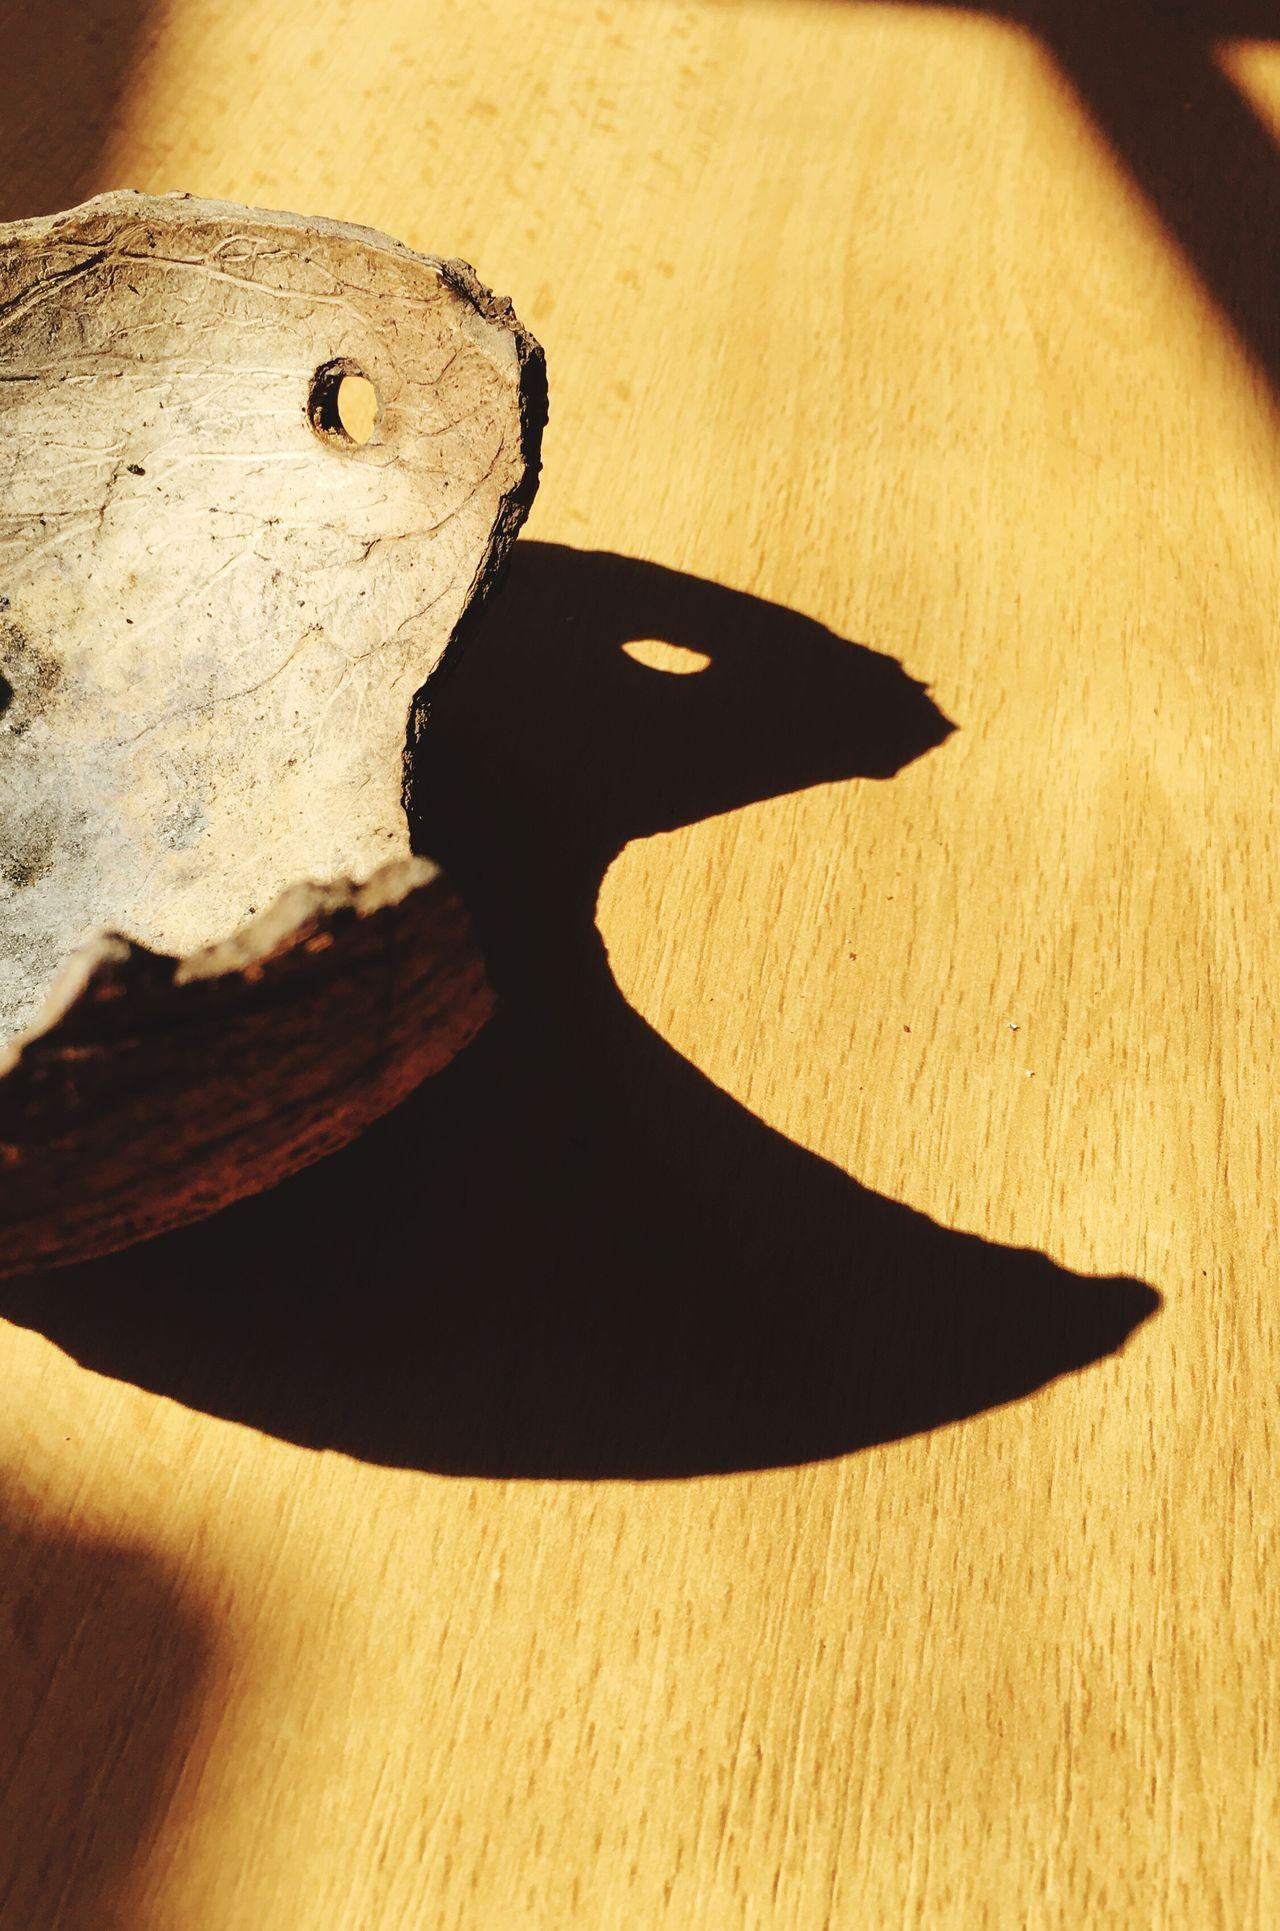 Shadow Sunlight And Shadow Iphonepicture Sunlight Sonnenlicht Pacman Schattenspiel  Switzerland Sunnyday Sun Indoors  Wood - Material Coconut Kokosnussschale Cocobello